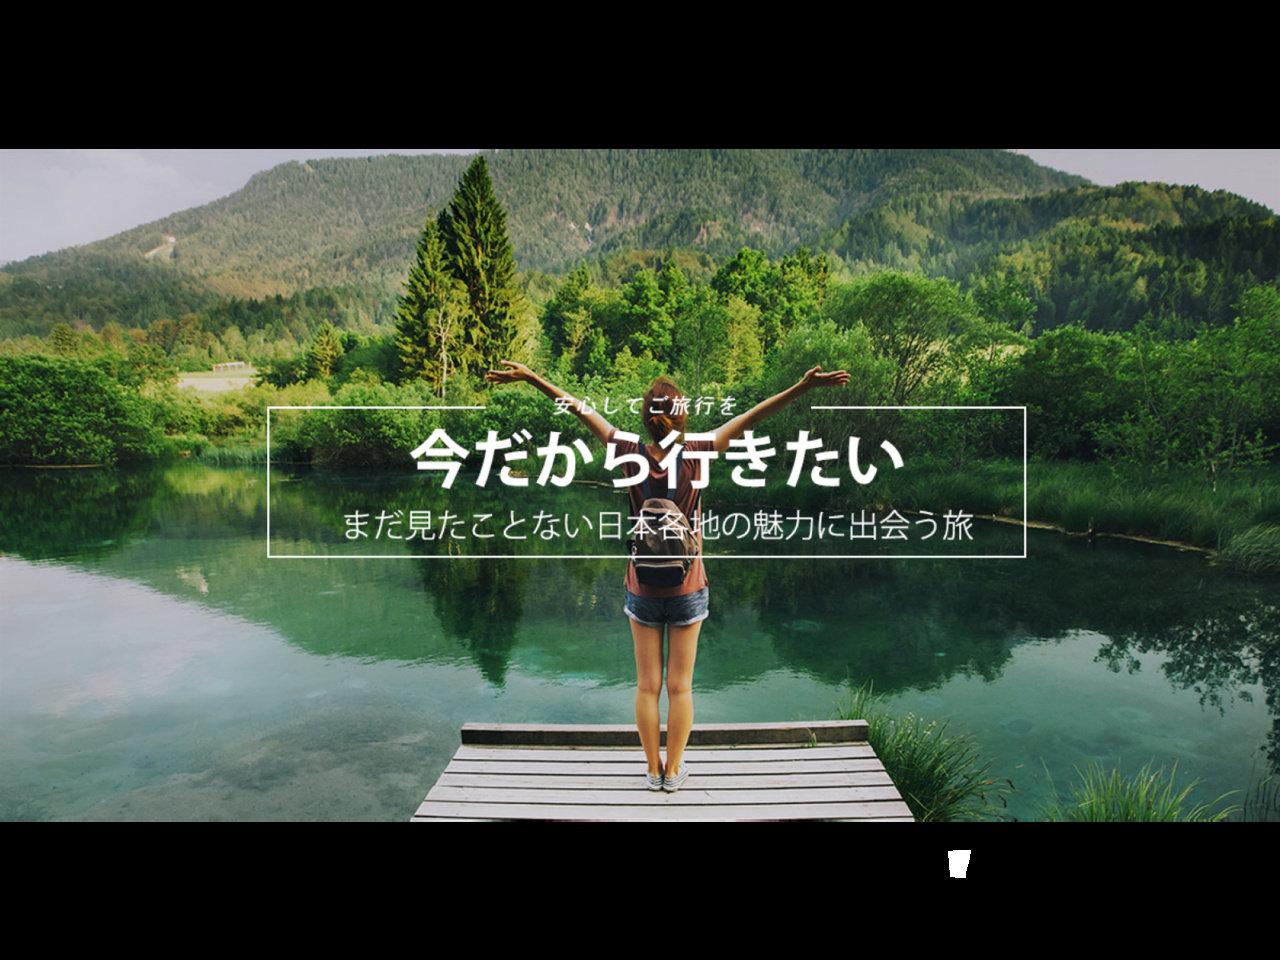 宿泊料金の最大35%OFF。「今だから行きたい!まだ見たことのない日本各地の魅力に出会う旅」